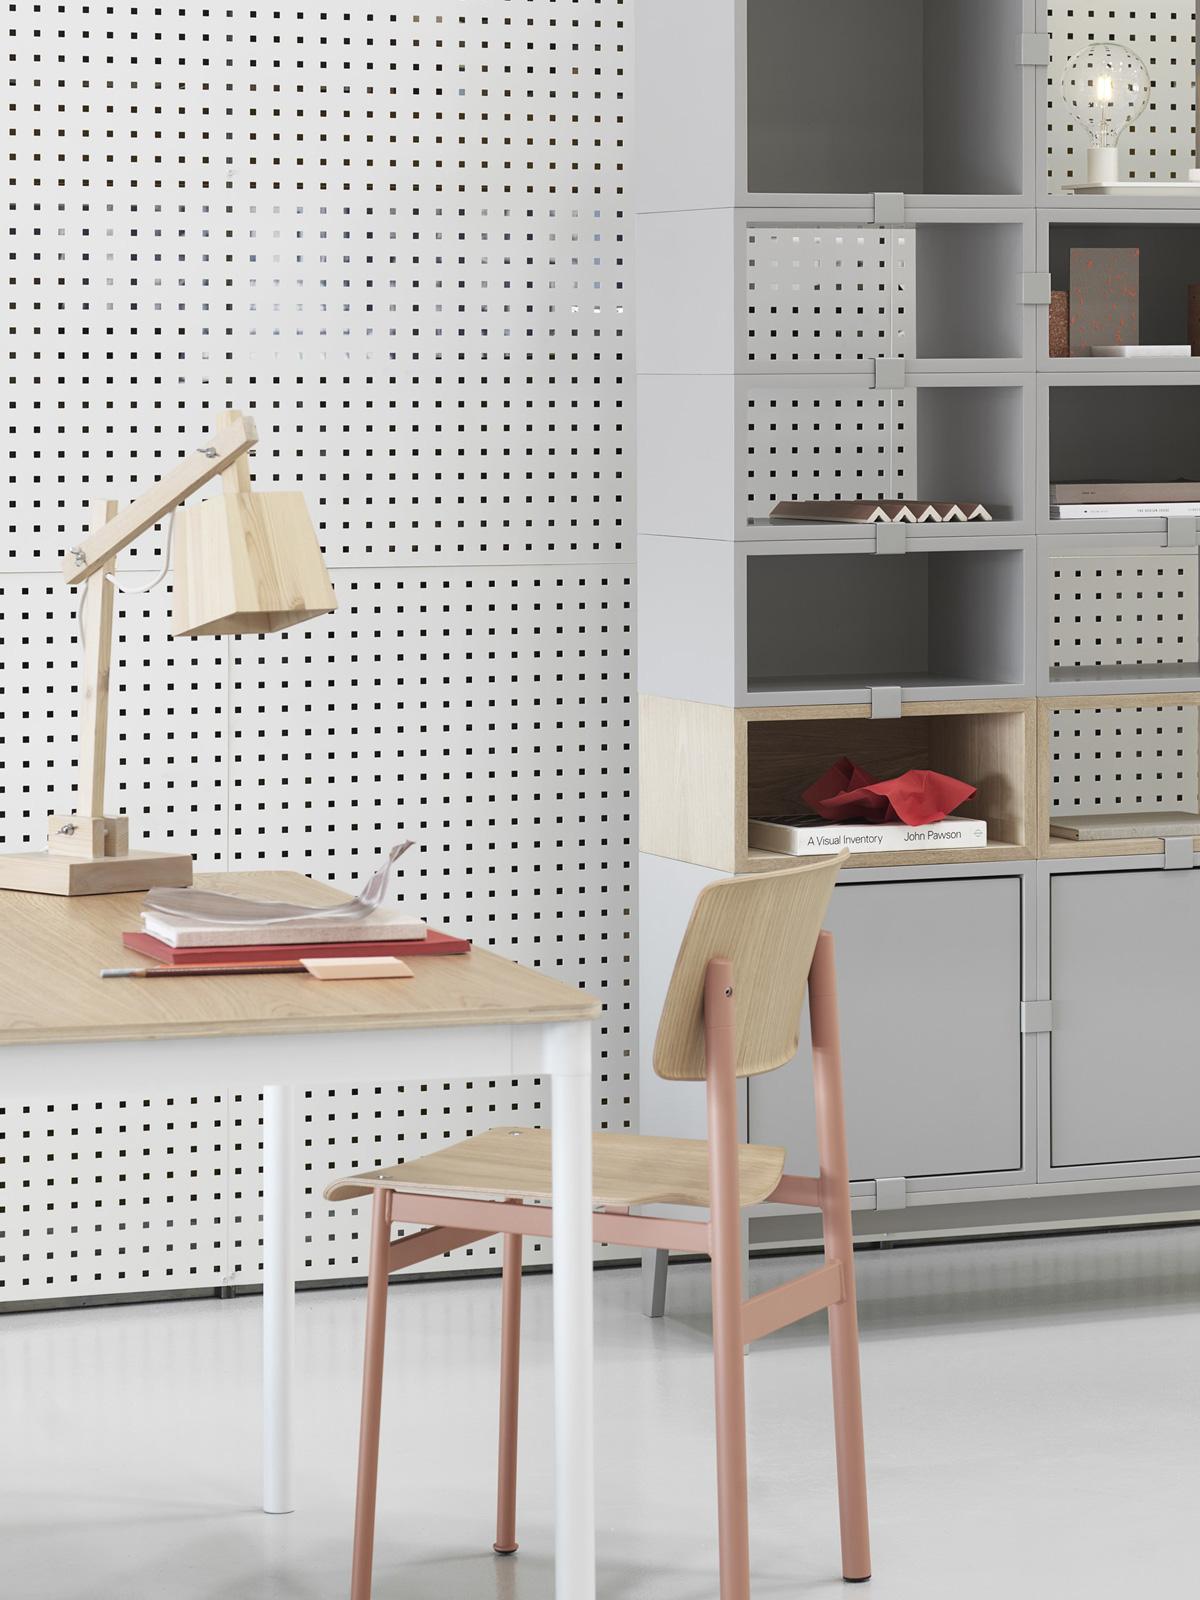 DesignOrt Blog: Schreibtischlampen Tischleuchte Wood von Muuto #skandinavisch #holz #lampe #wohnen